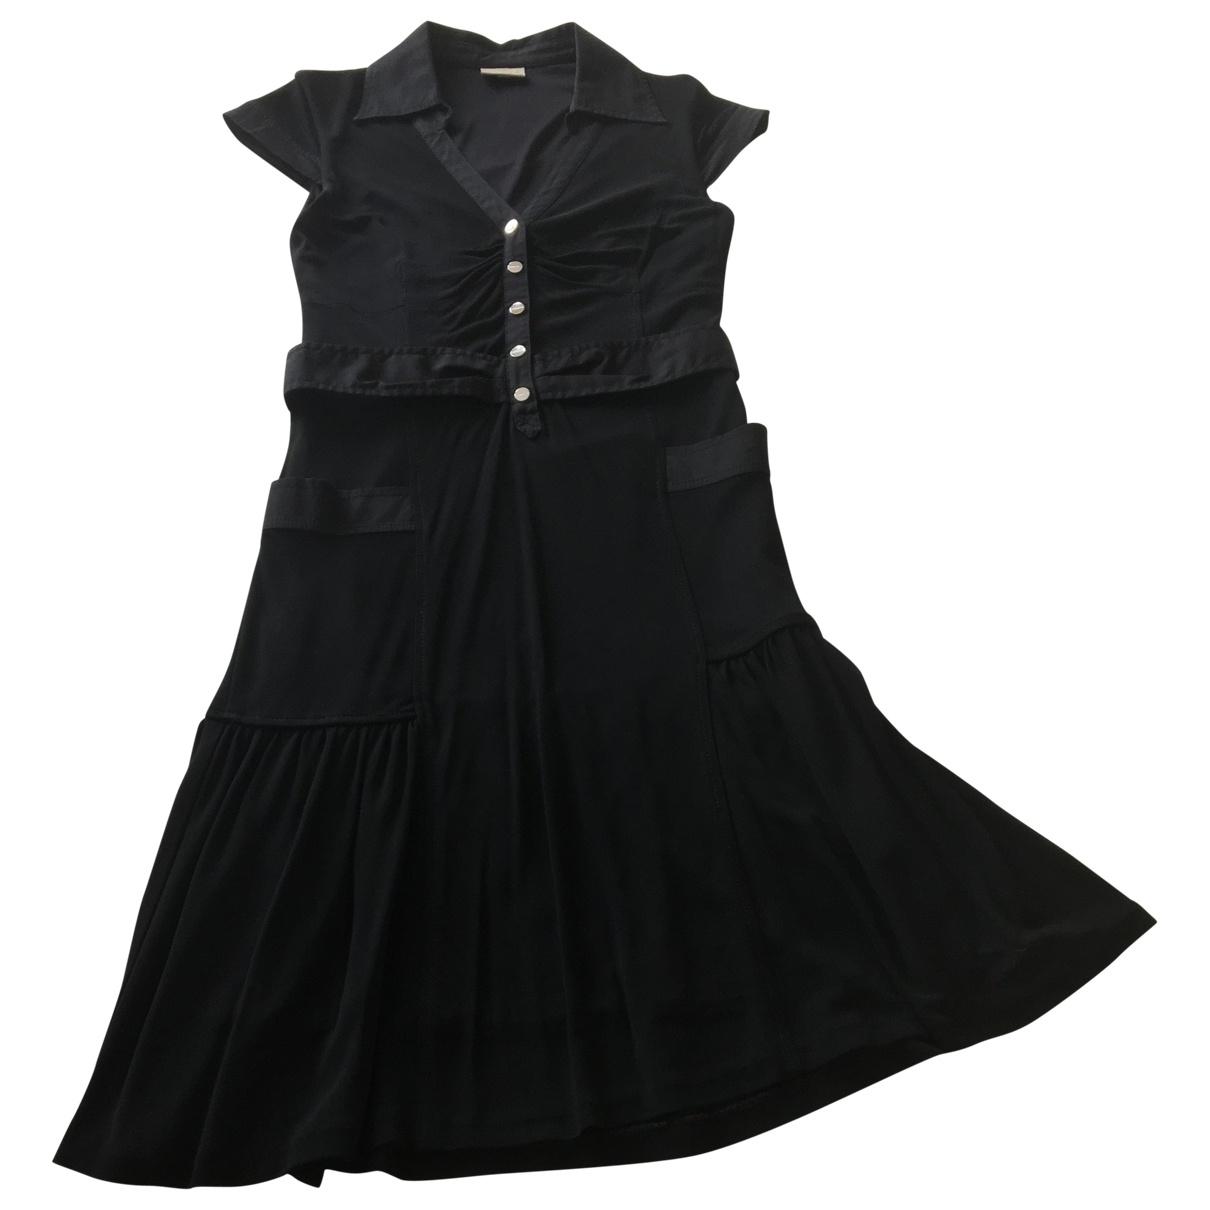 Karen Millen \N Kleid in  Schwarz Viskose